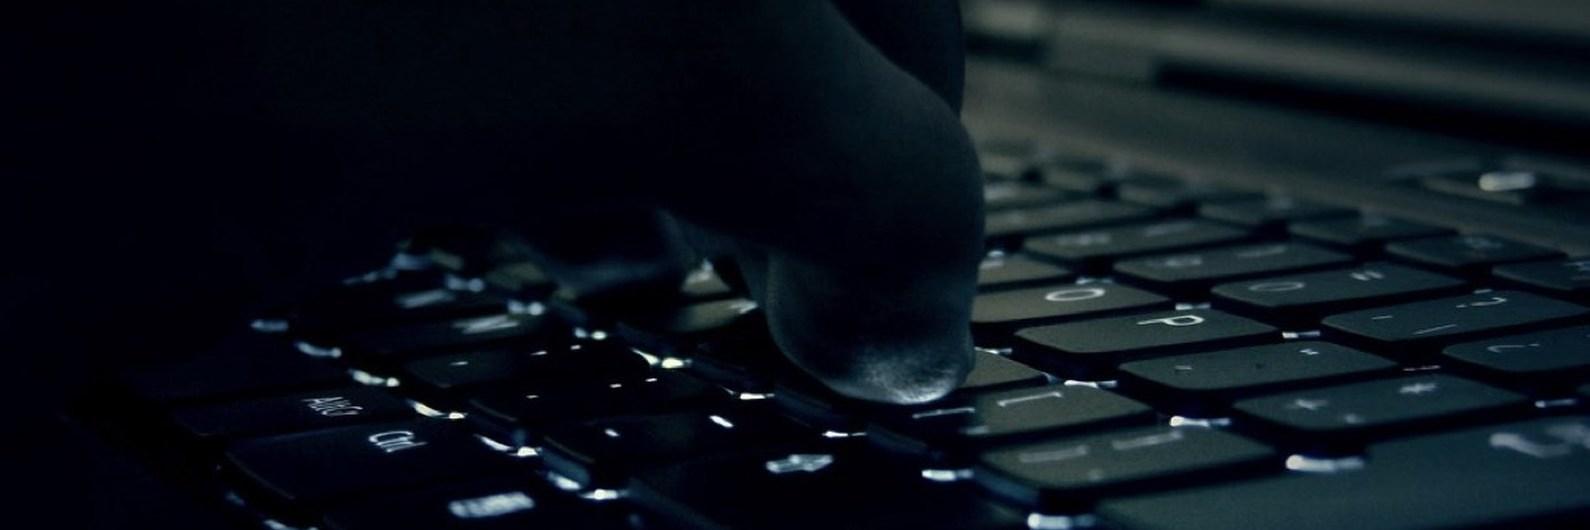 Cloudbleed: Todos os seus dados estiveram expostos na Internet